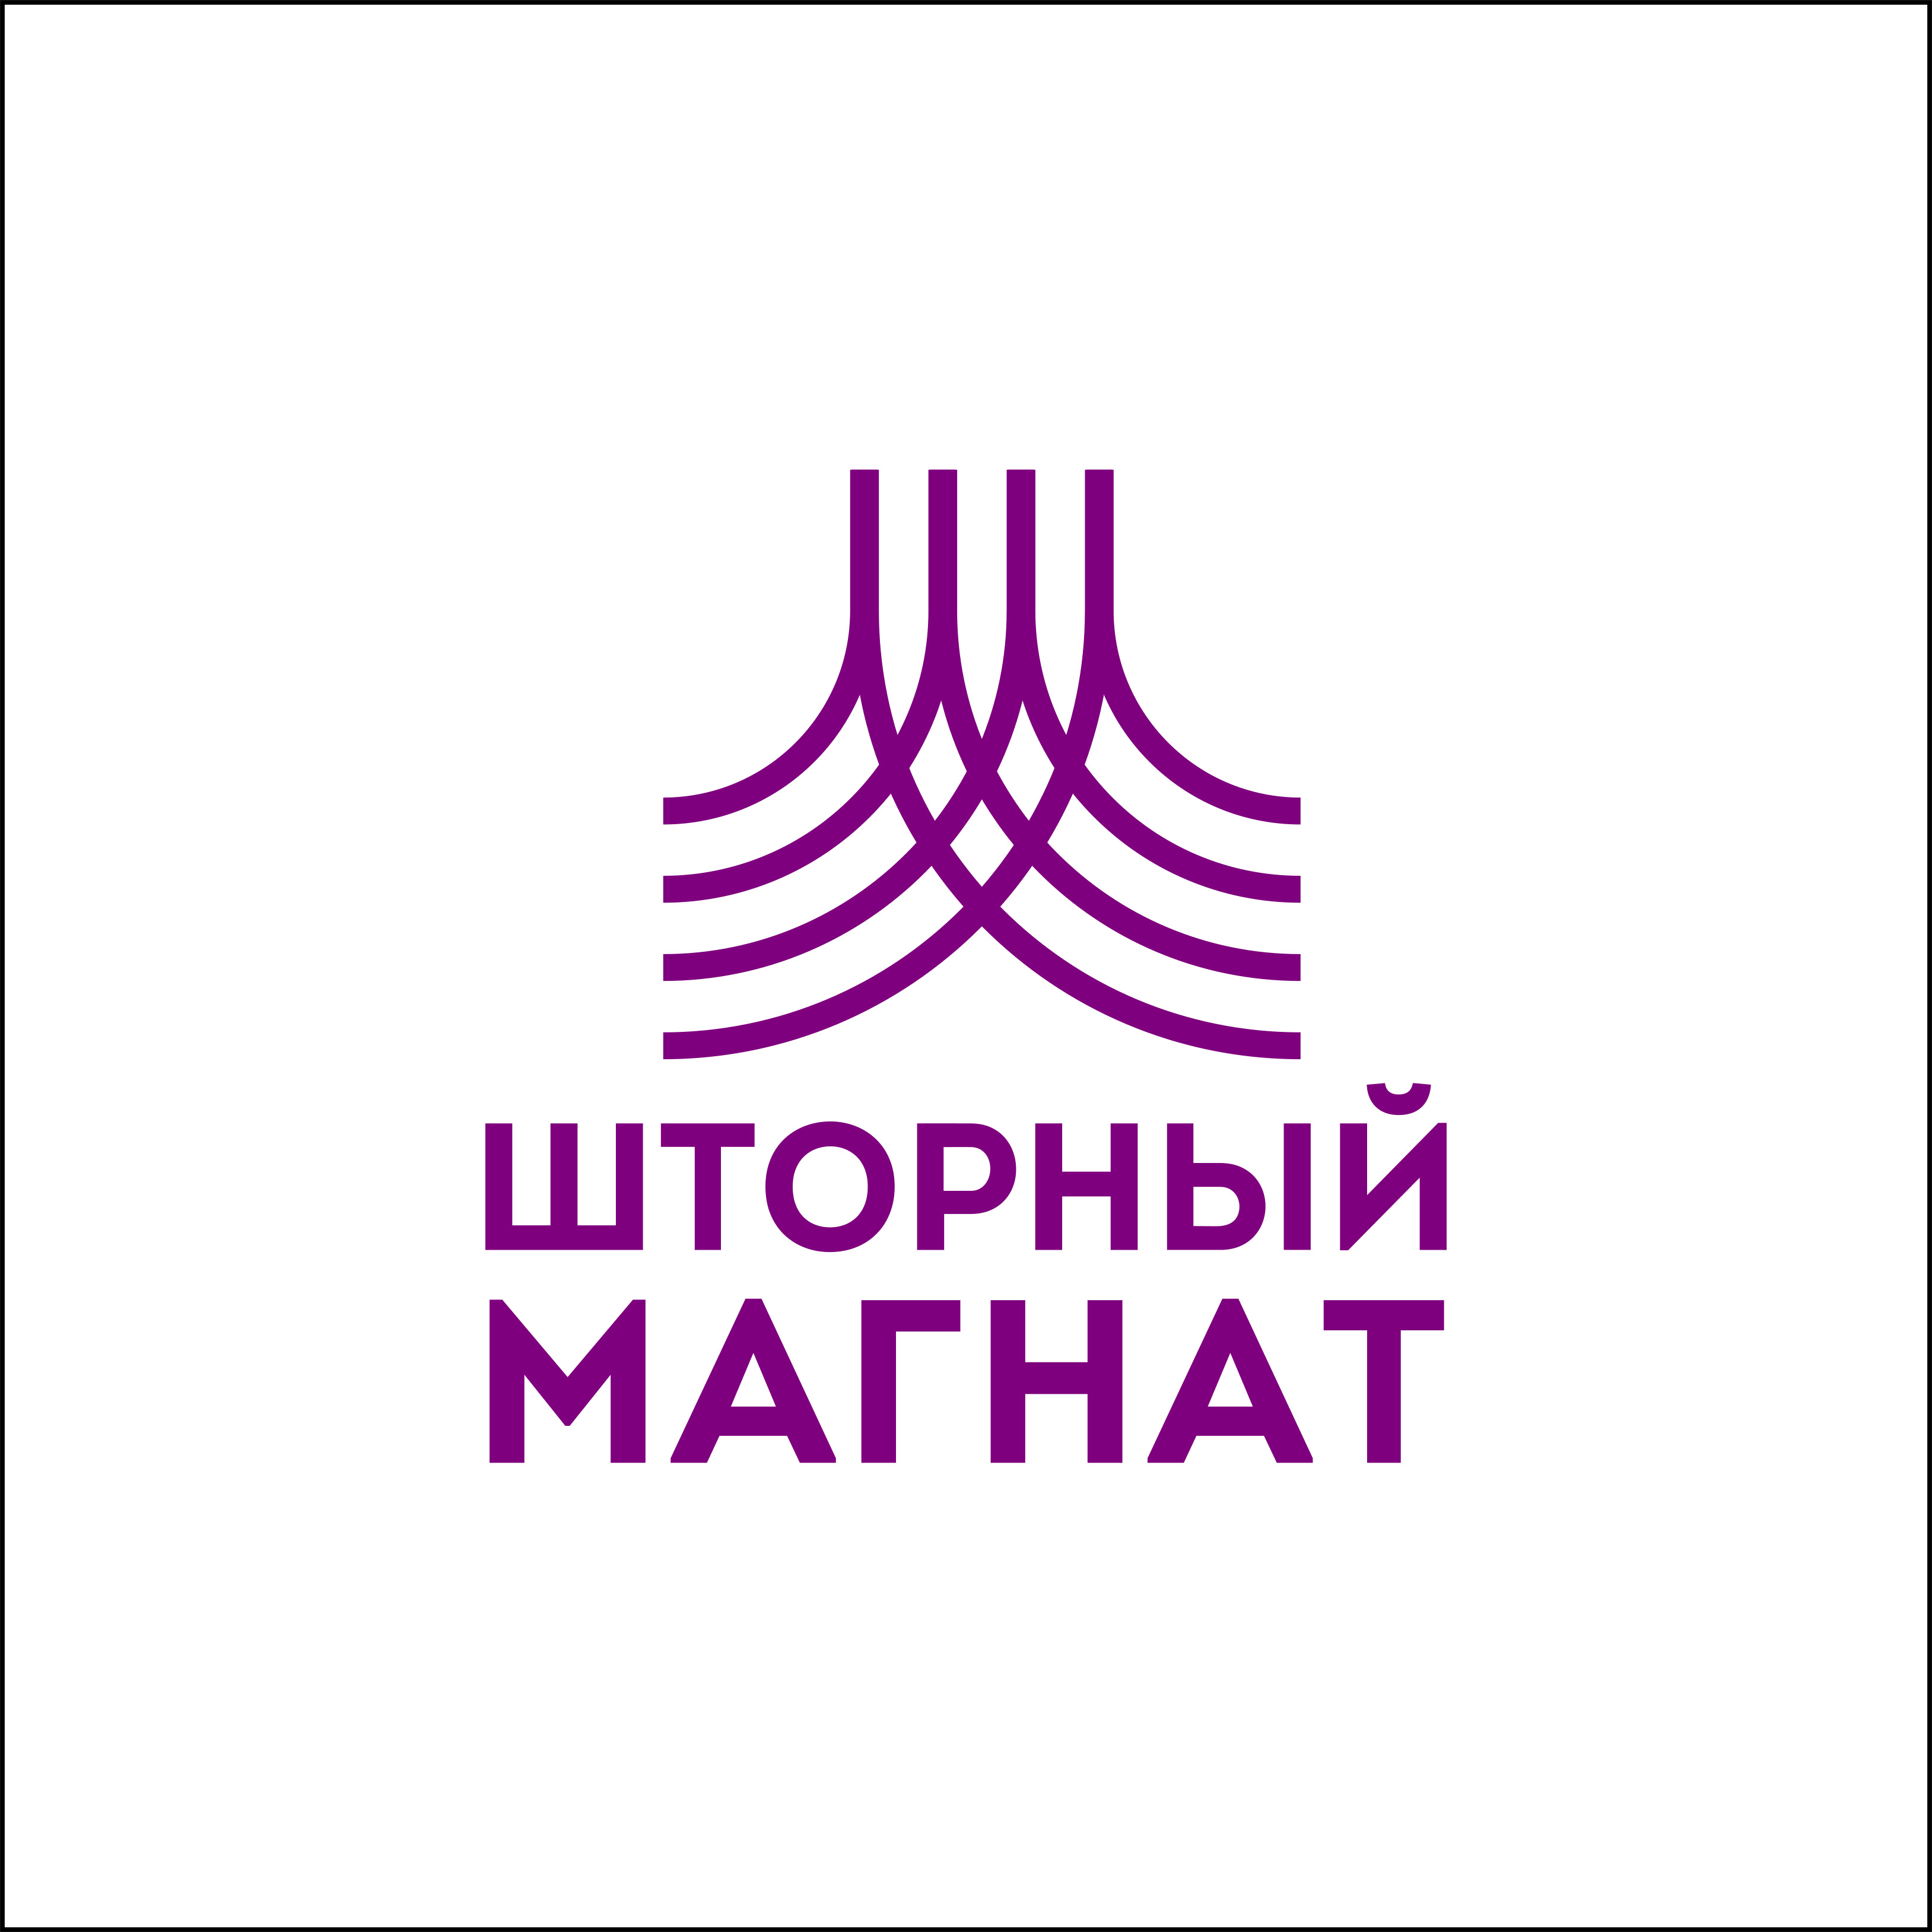 Логотип и фирменный стиль для магазина тканей. фото f_4255cd944ba36ff7.jpg